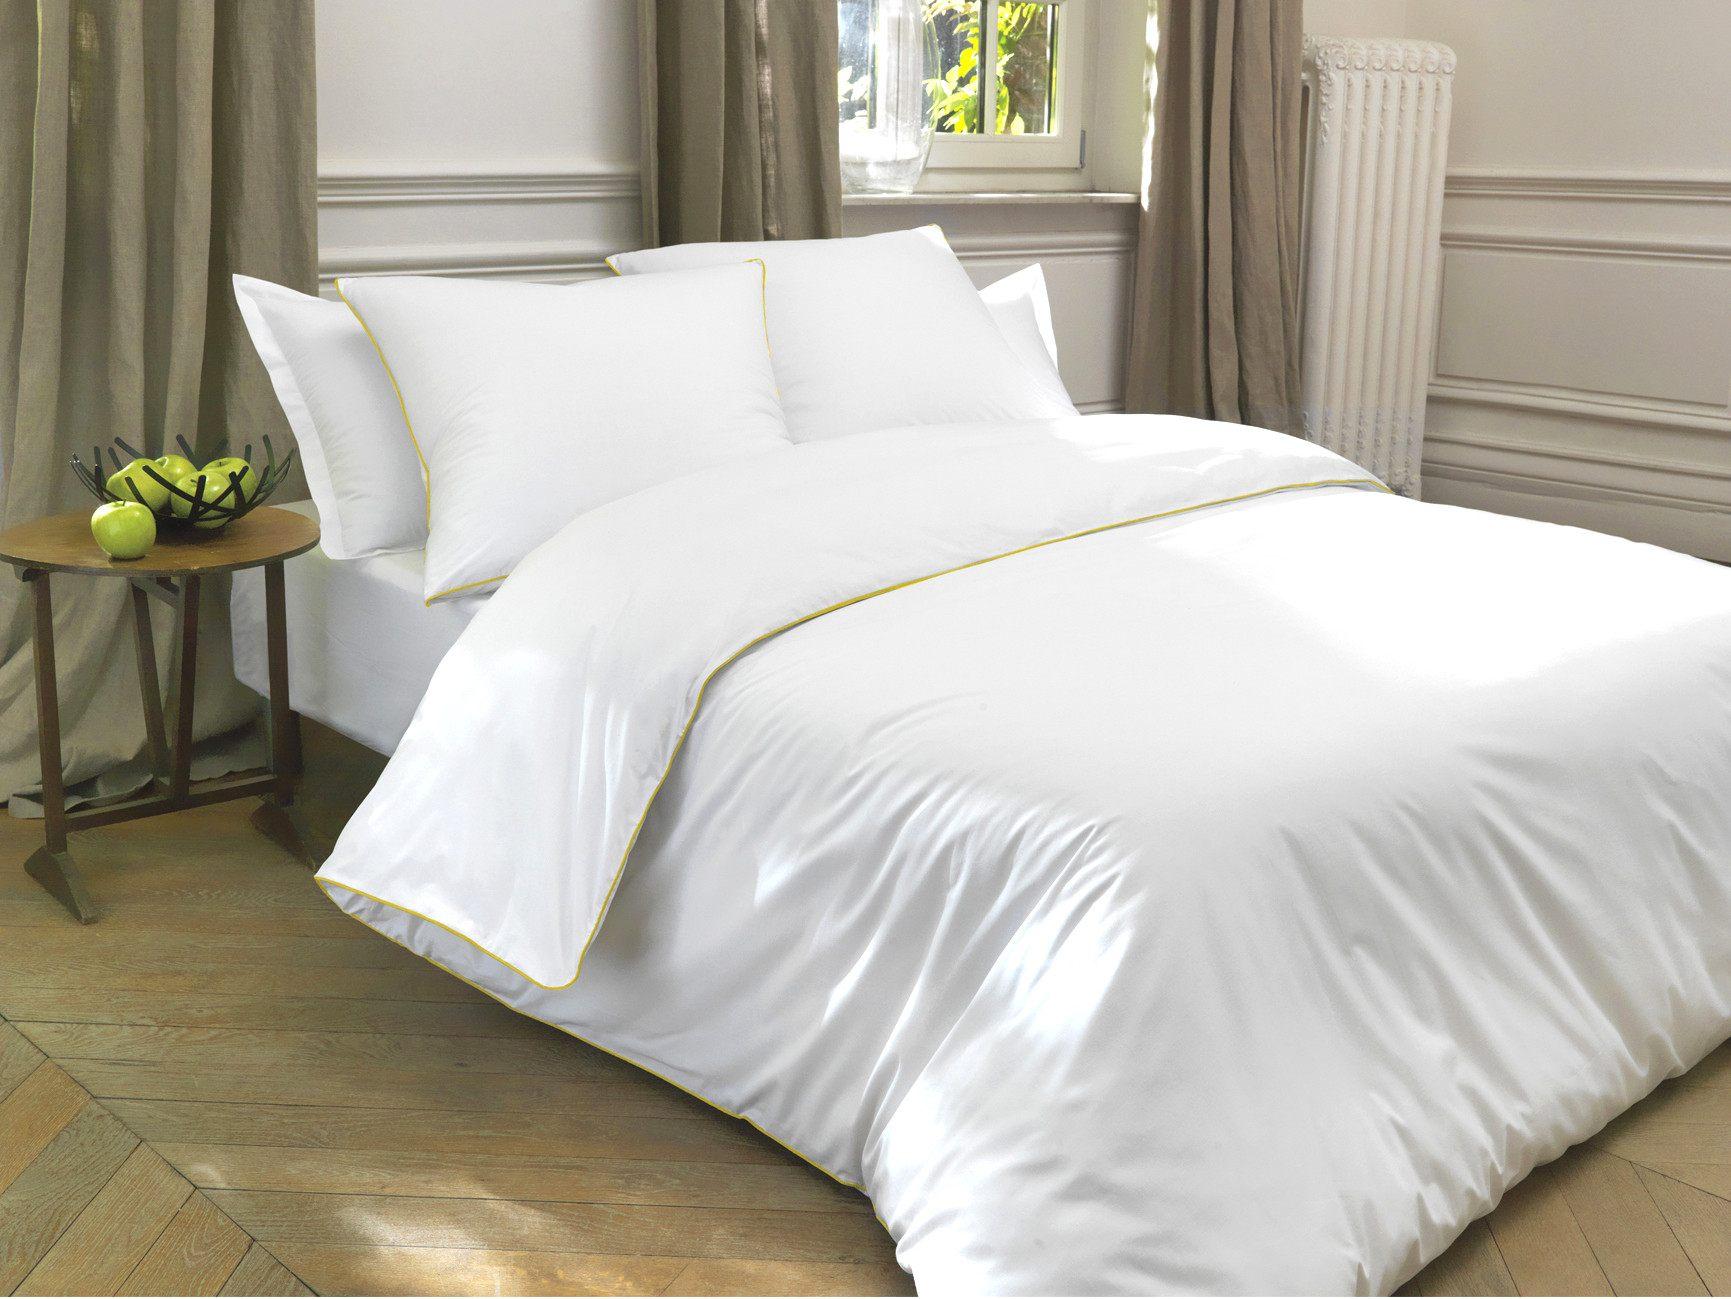 Carre Blanc Linge De Lit Fraîche Ingenious Inspiration Carre Blanc Linge De Maison 44 Avec Valuable